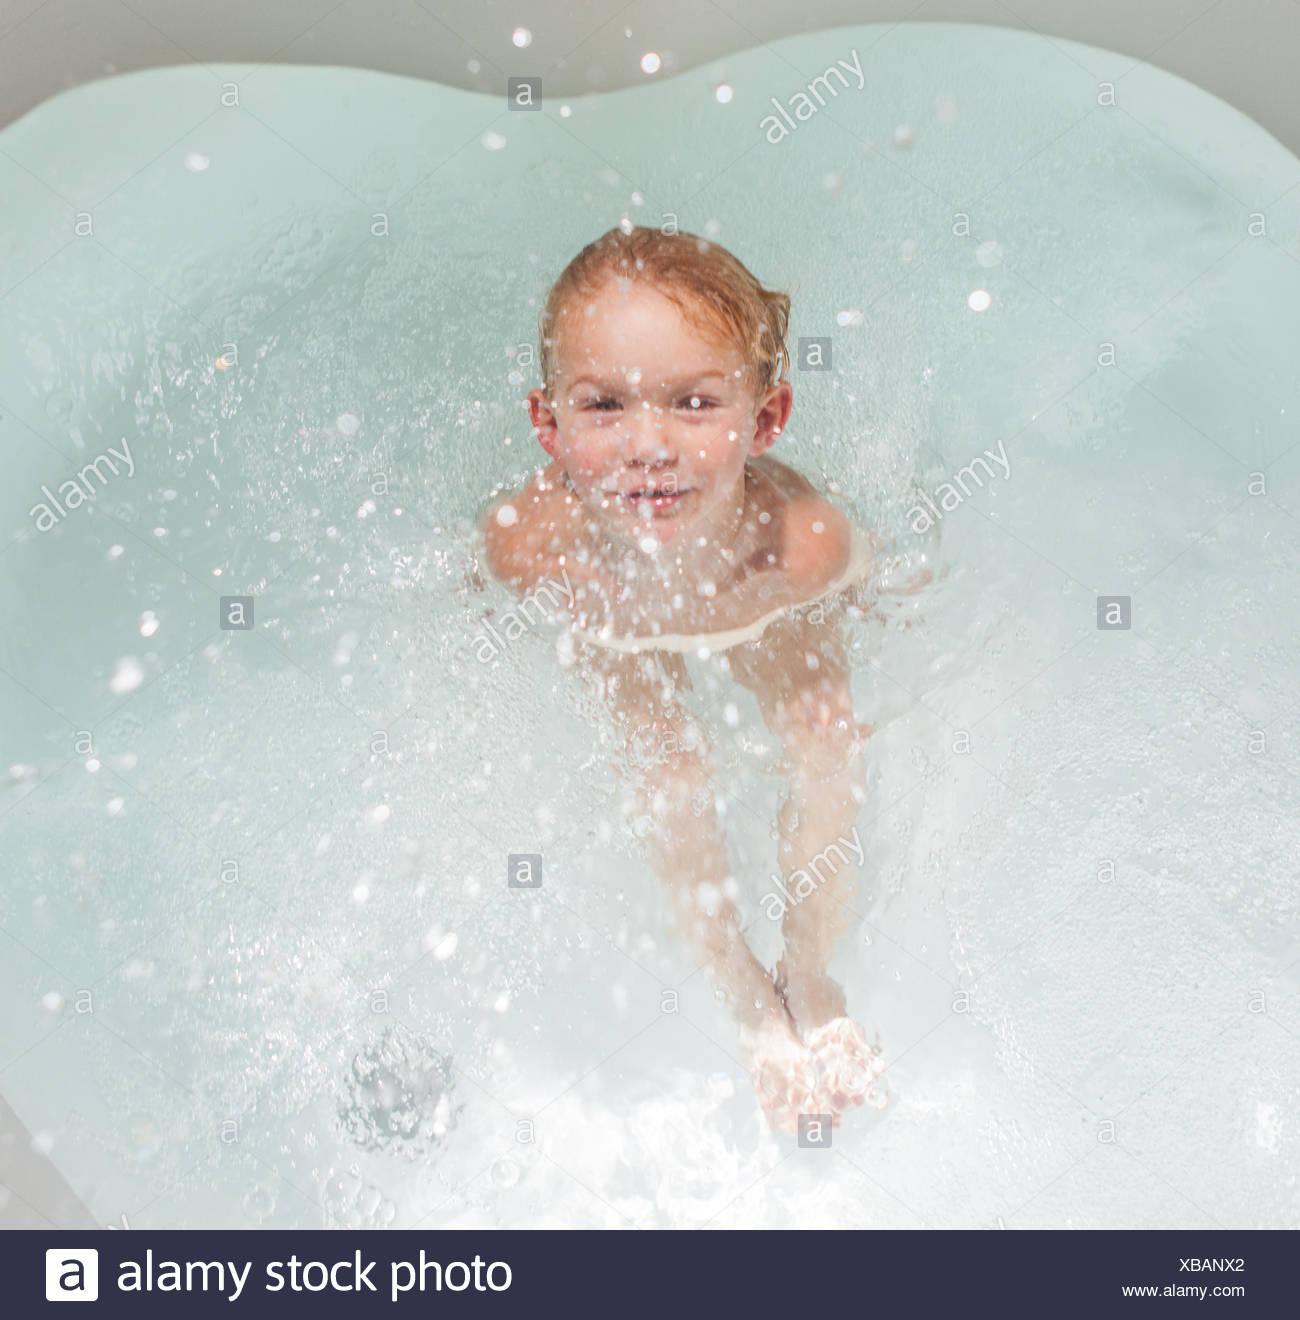 Toddler Splashing In Tub Stock Photos & Toddler Splashing In Tub ...